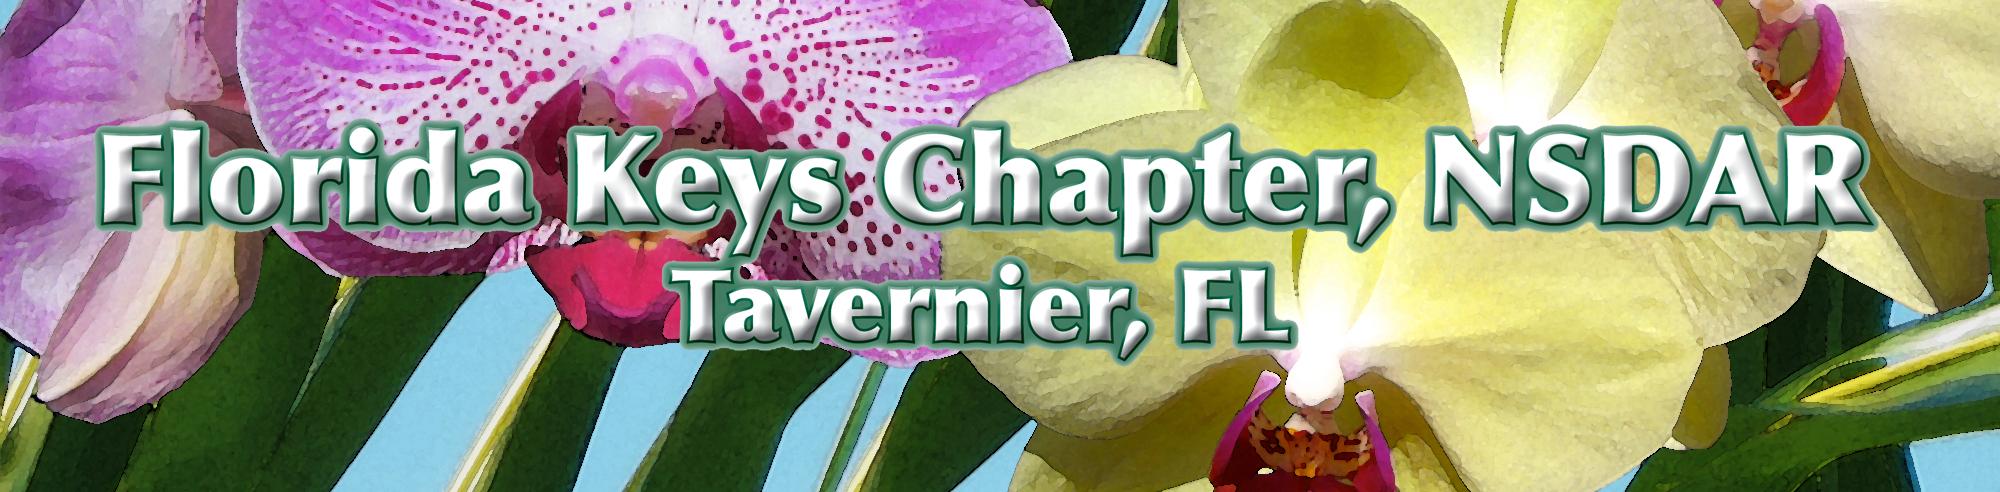 Florida Keys Chapter NSDAR